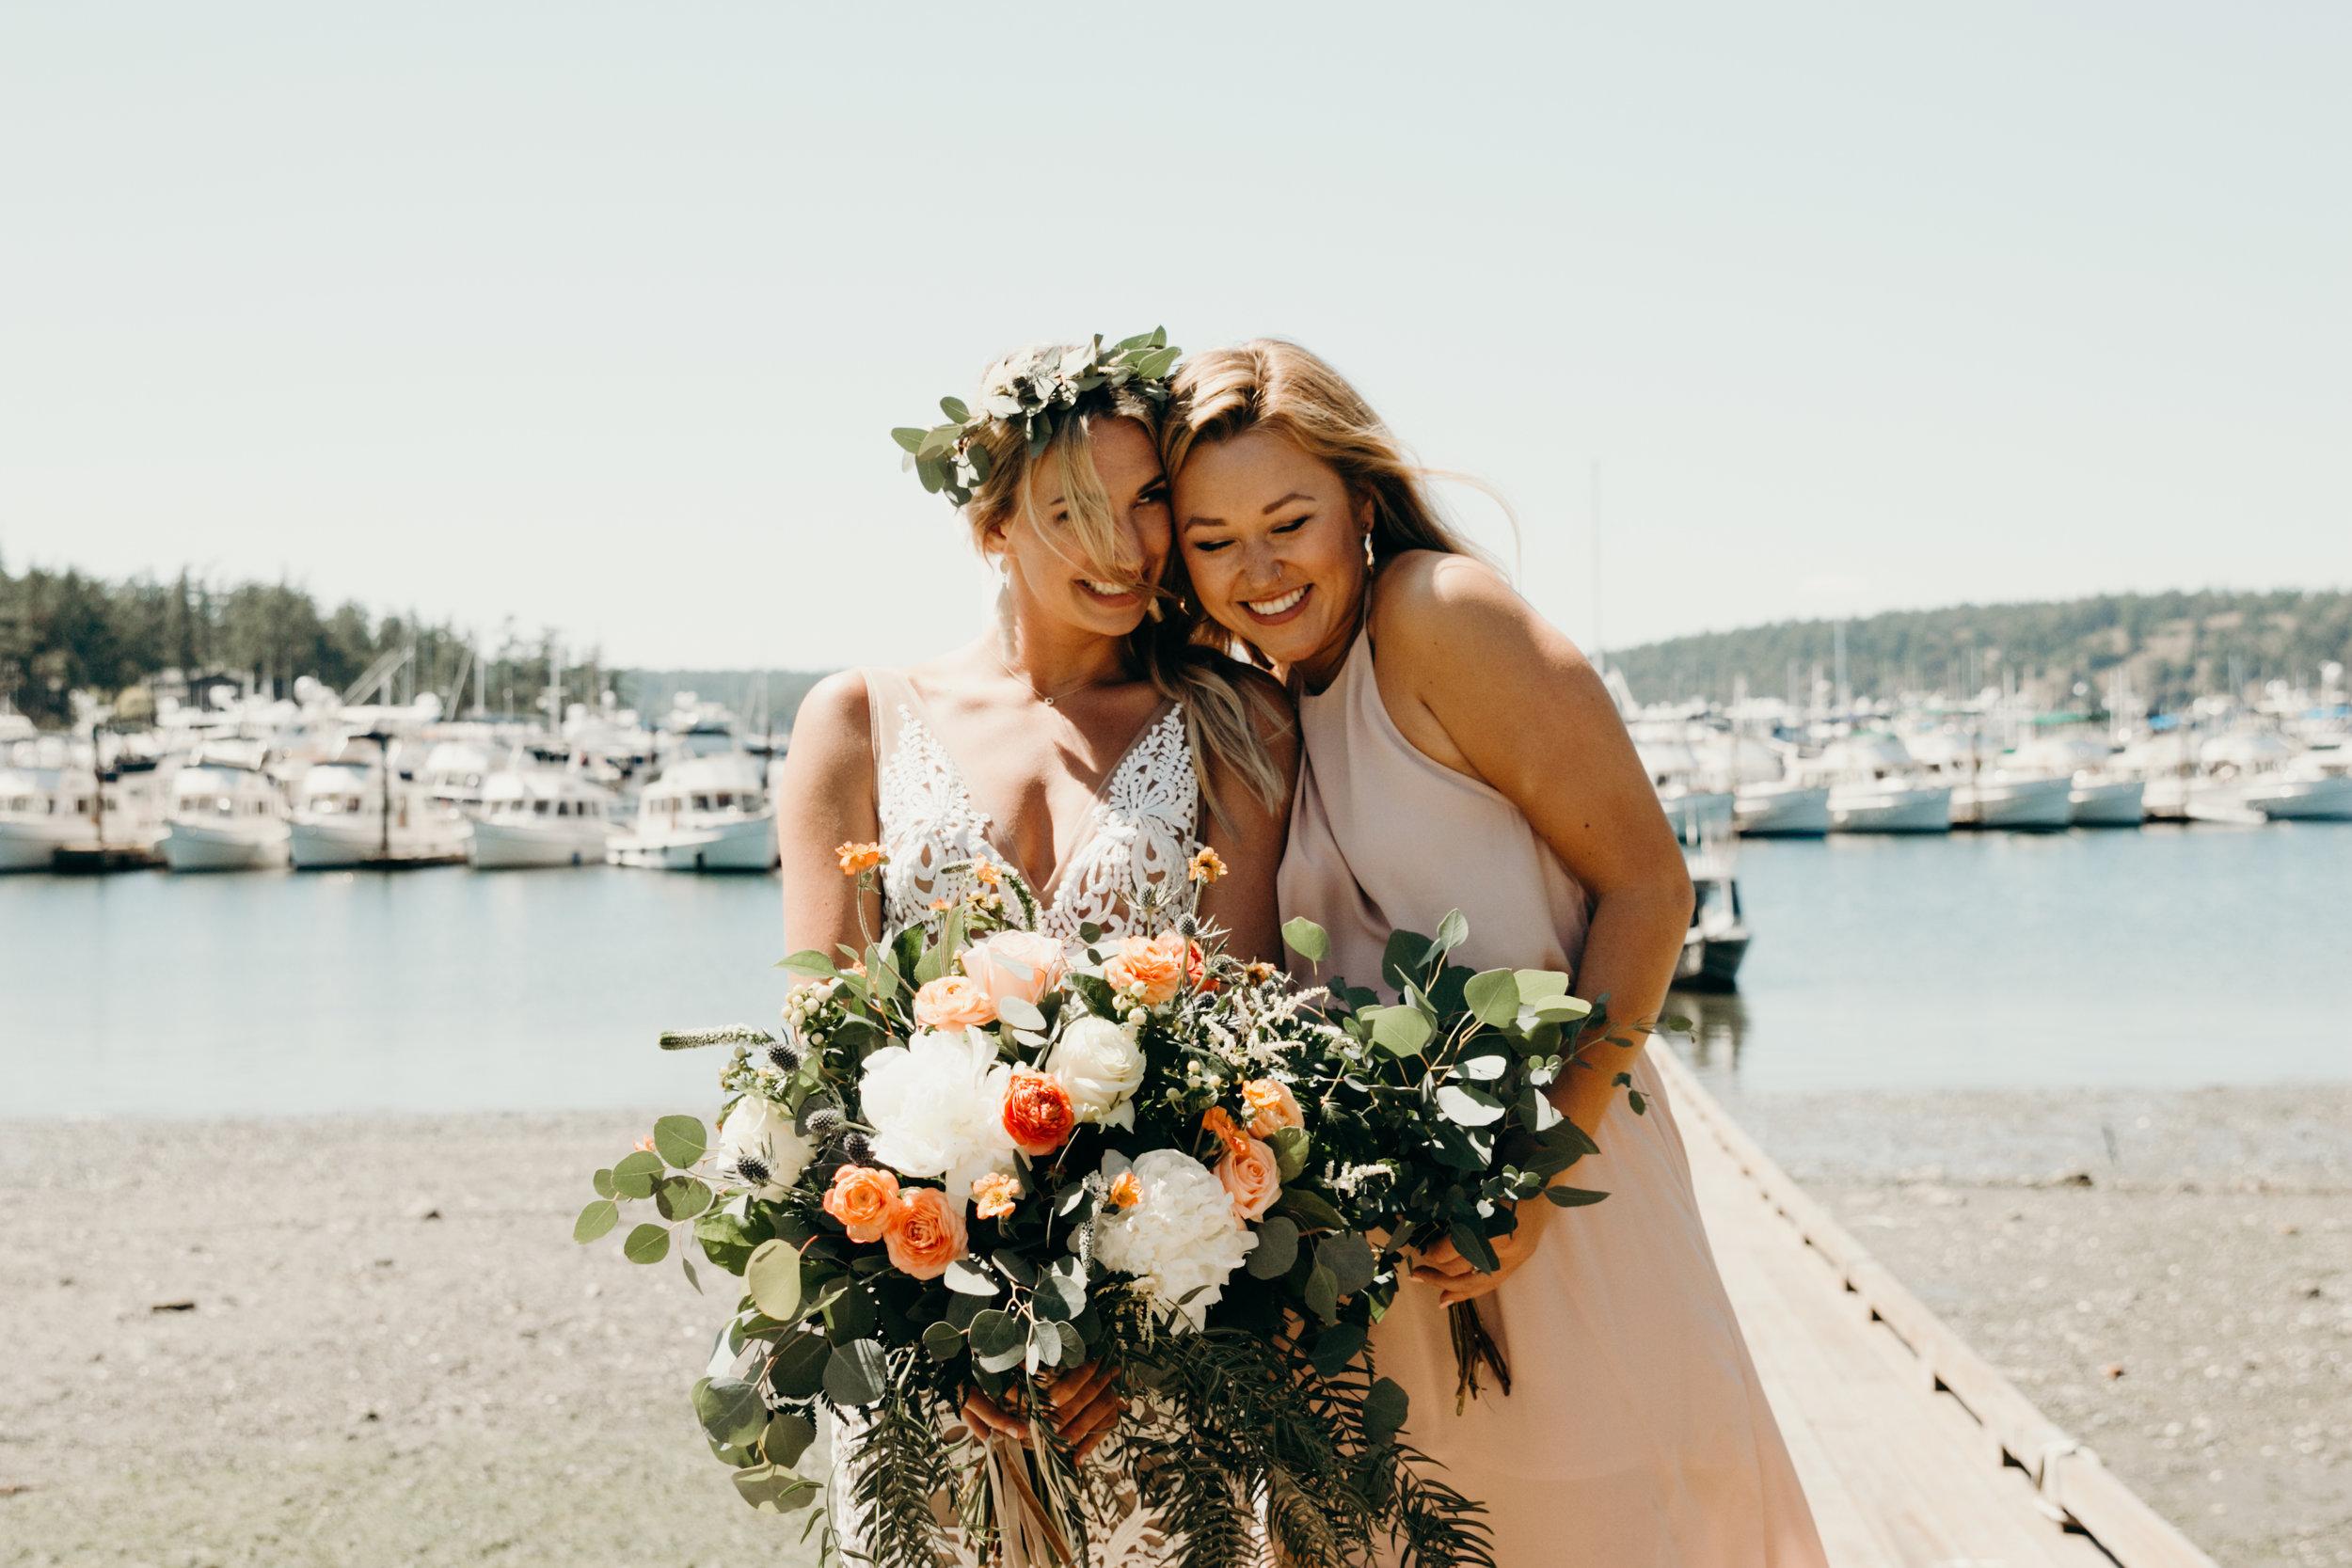 brides+-26 copy.jpg